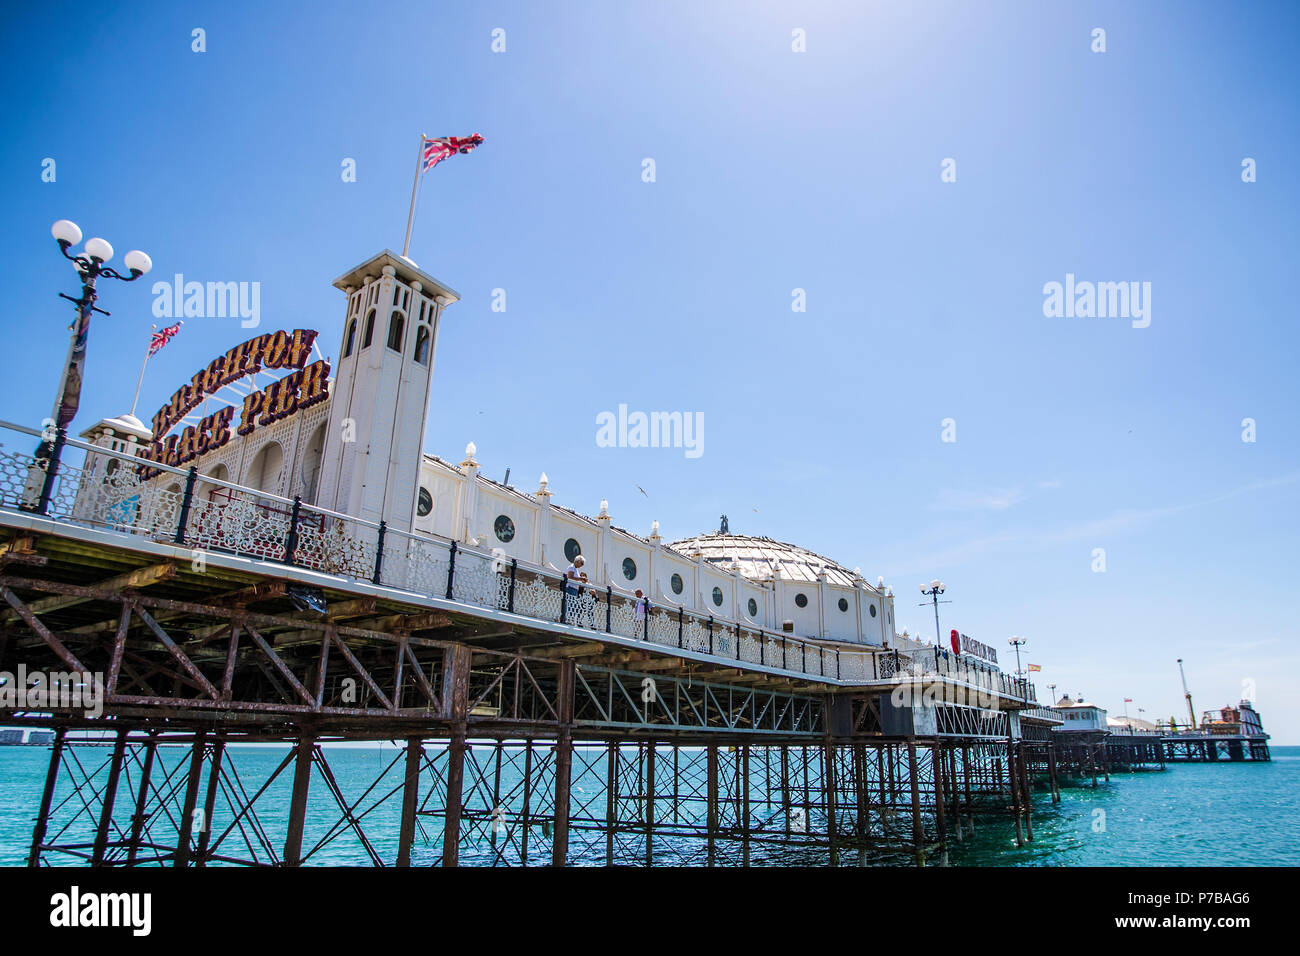 Brighton Palace Pier Photo Stock